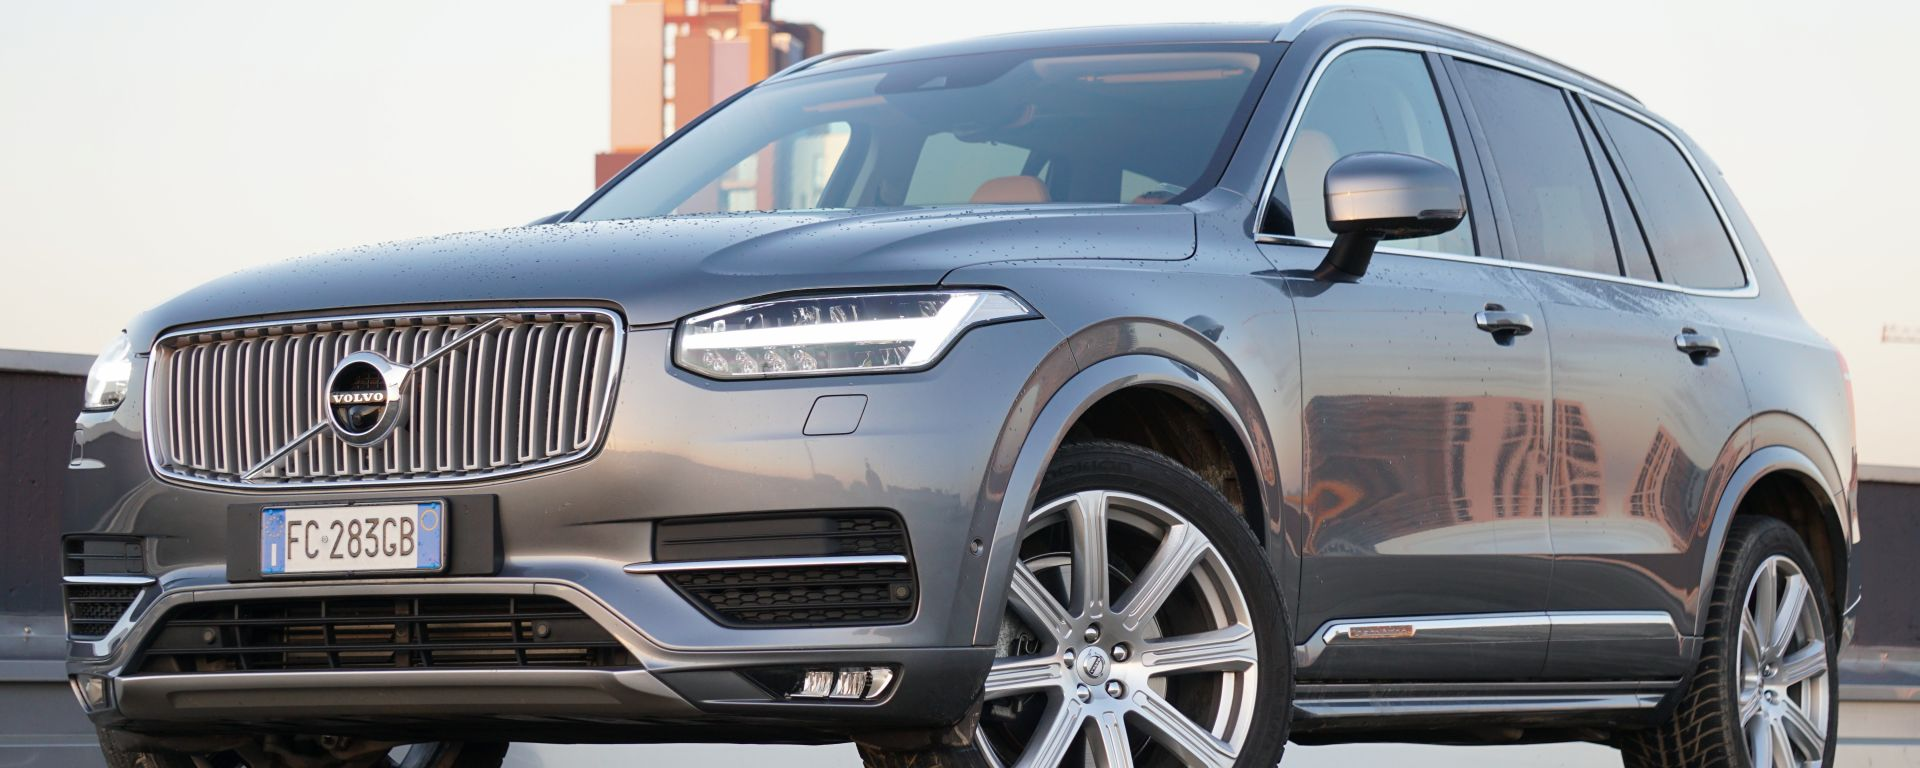 Nuova Volvo XC90: niente Diesel futuro solo ibrido?